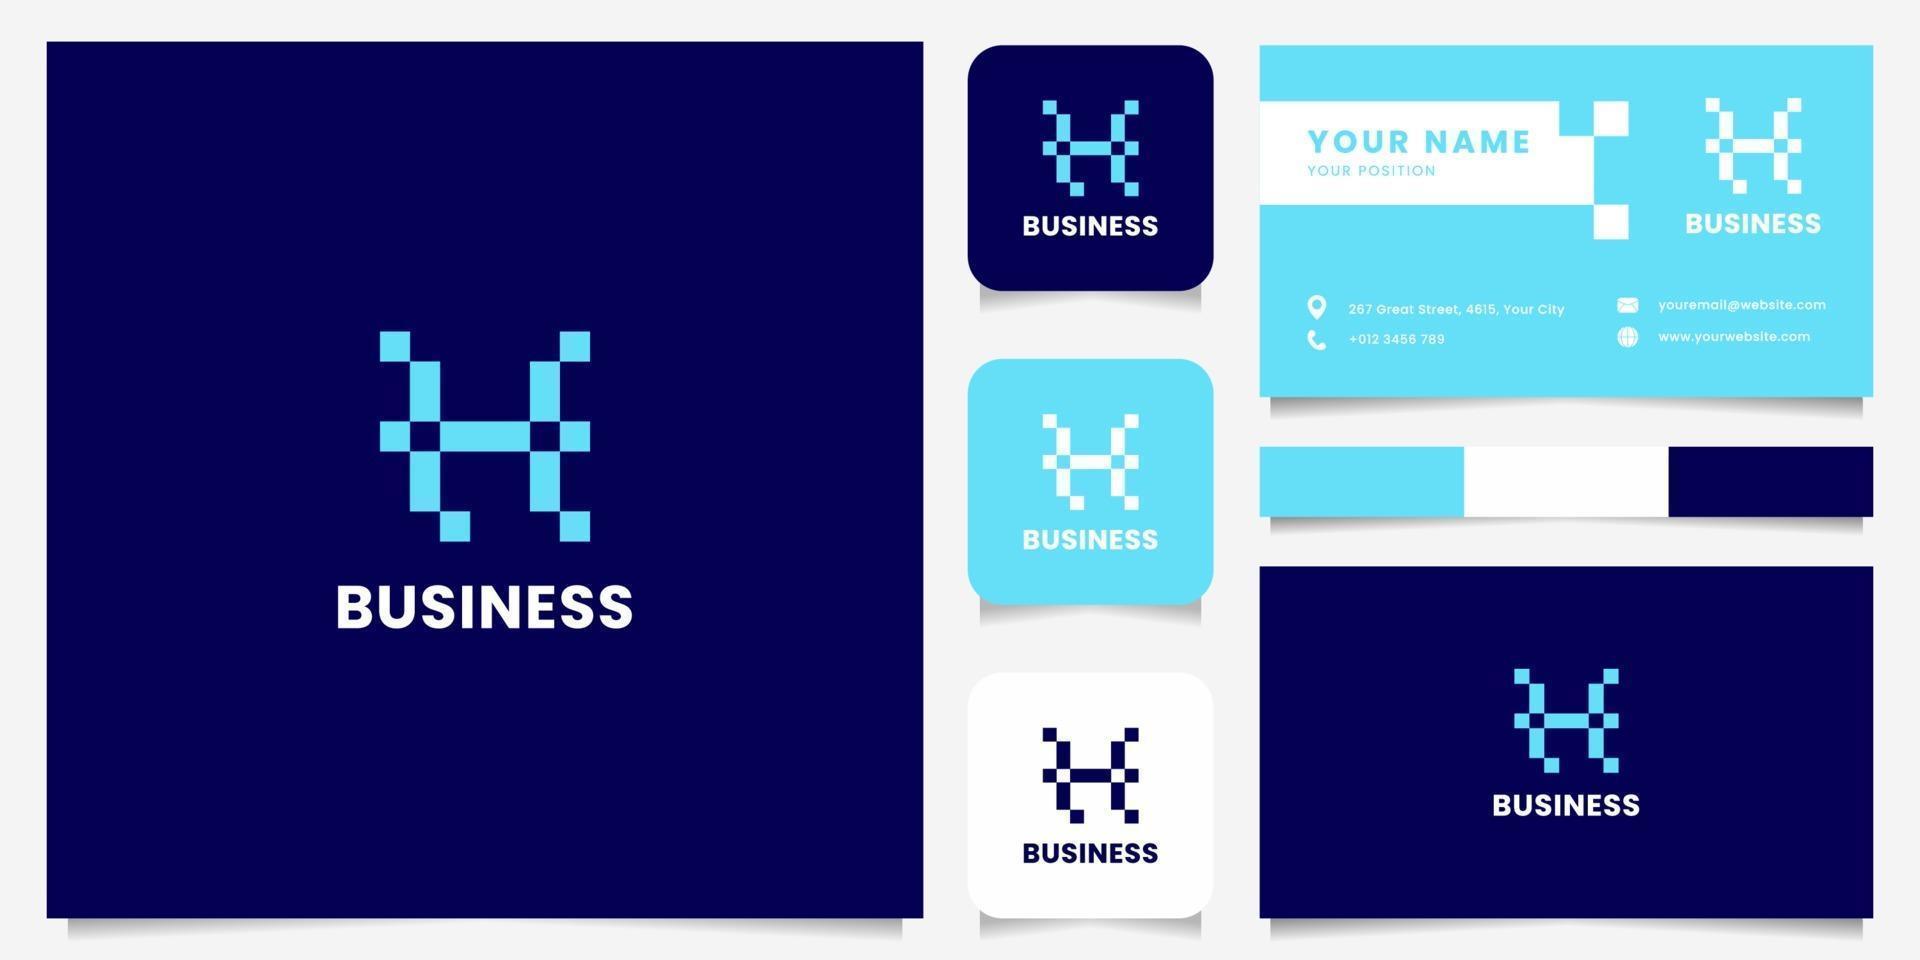 eenvoudig en minimalistisch blauw pixel letter h-logo met sjabloon voor visitekaartjes vector